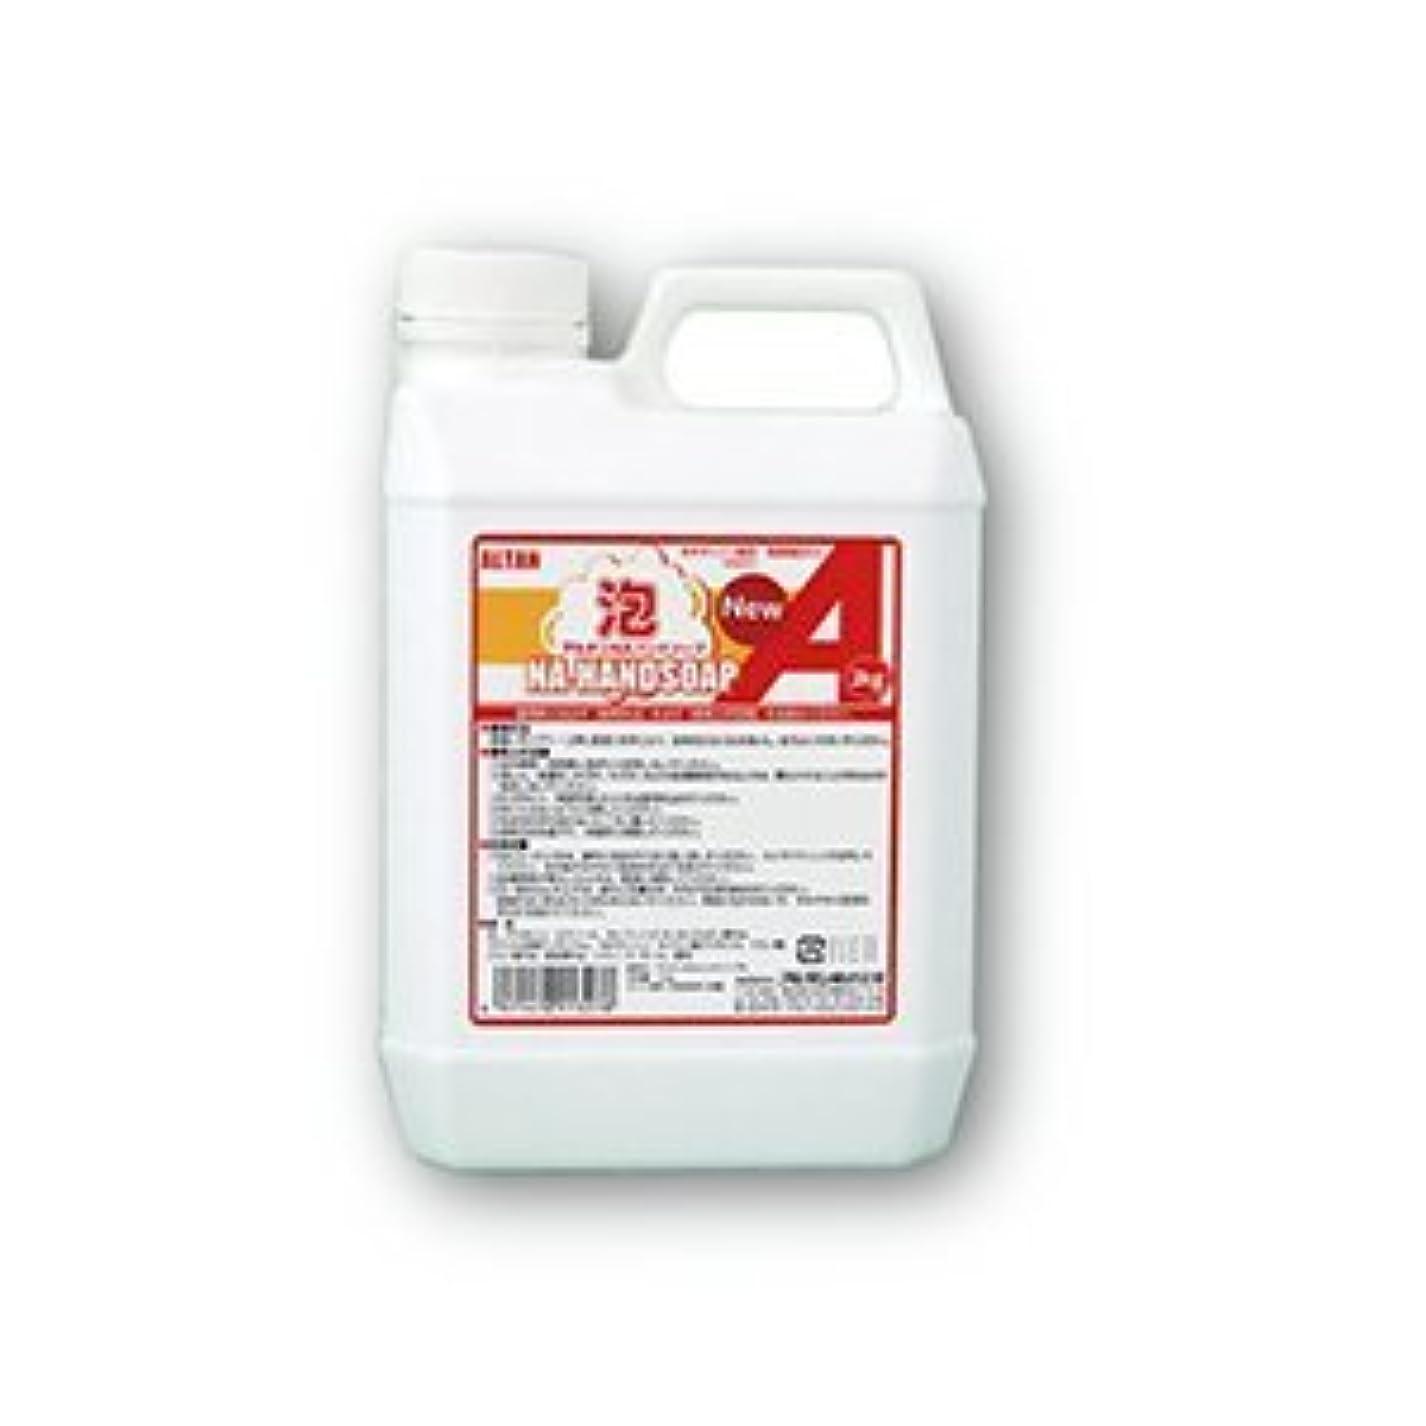 プーノライオンアプト柿渋ハンドソープ(泡タイプ)2kg×6本入